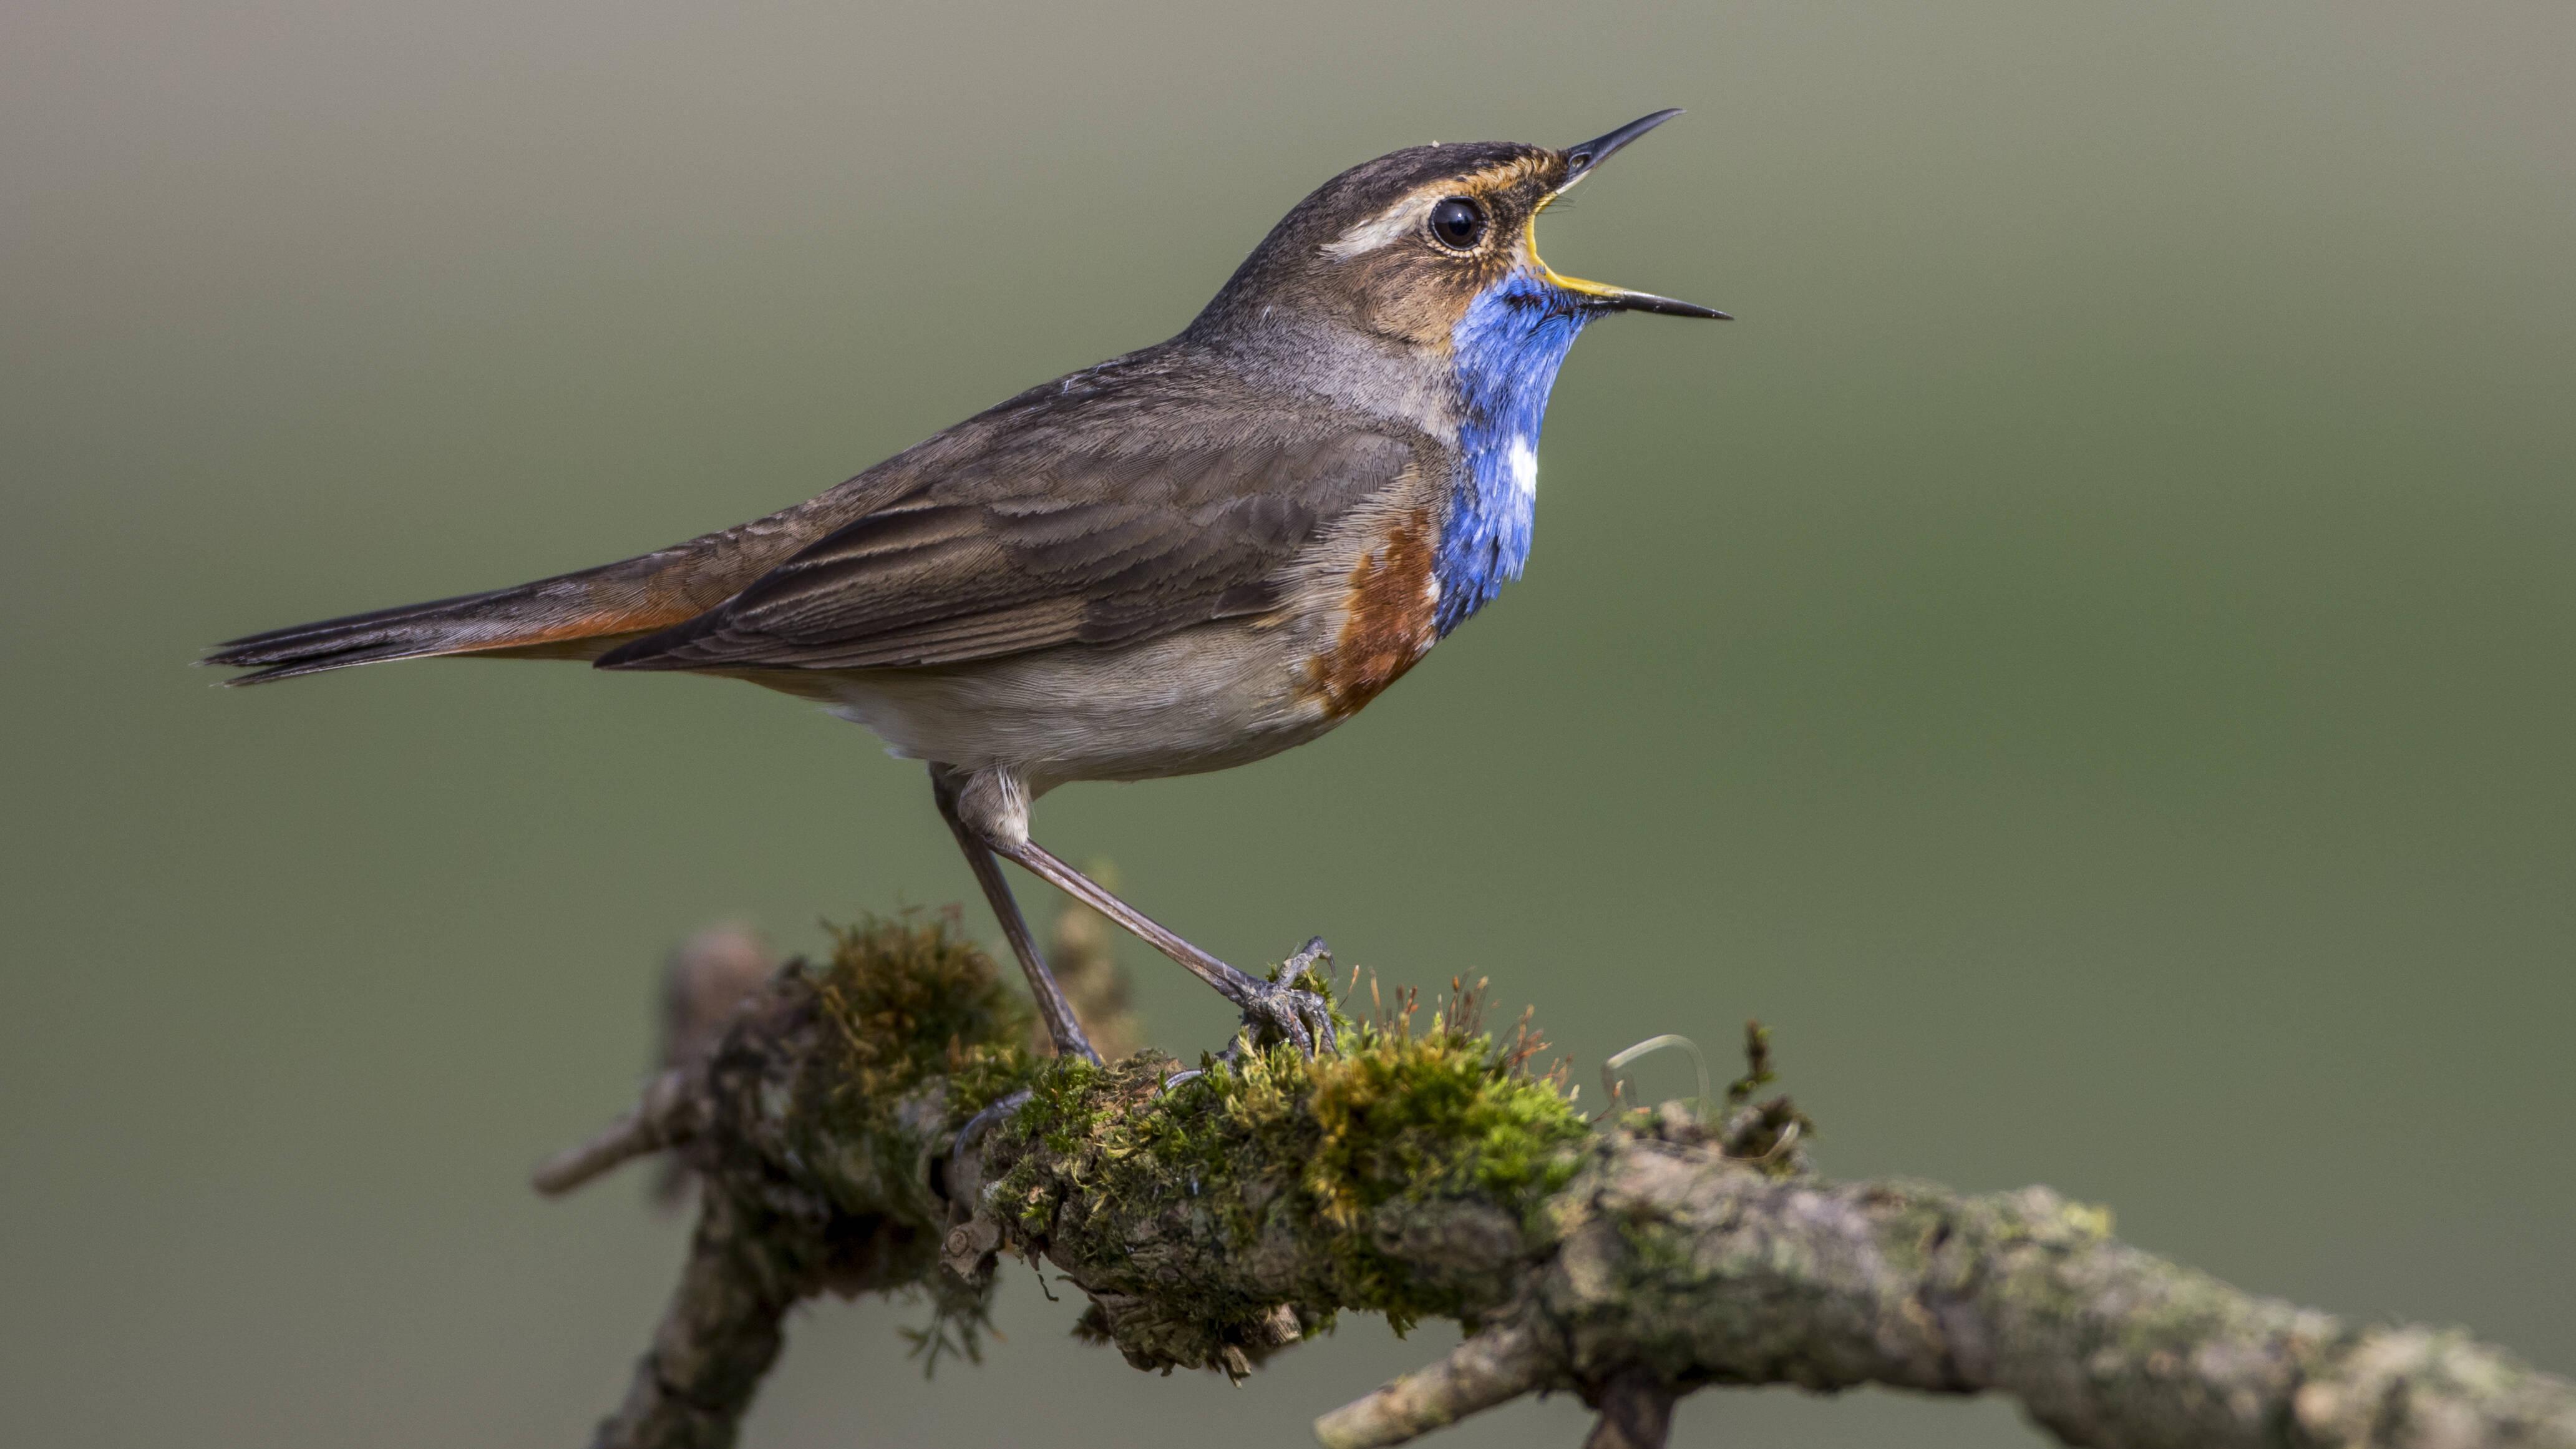 BirdNET bestimmt die Vogelart anhand von Audioaufnahmen.